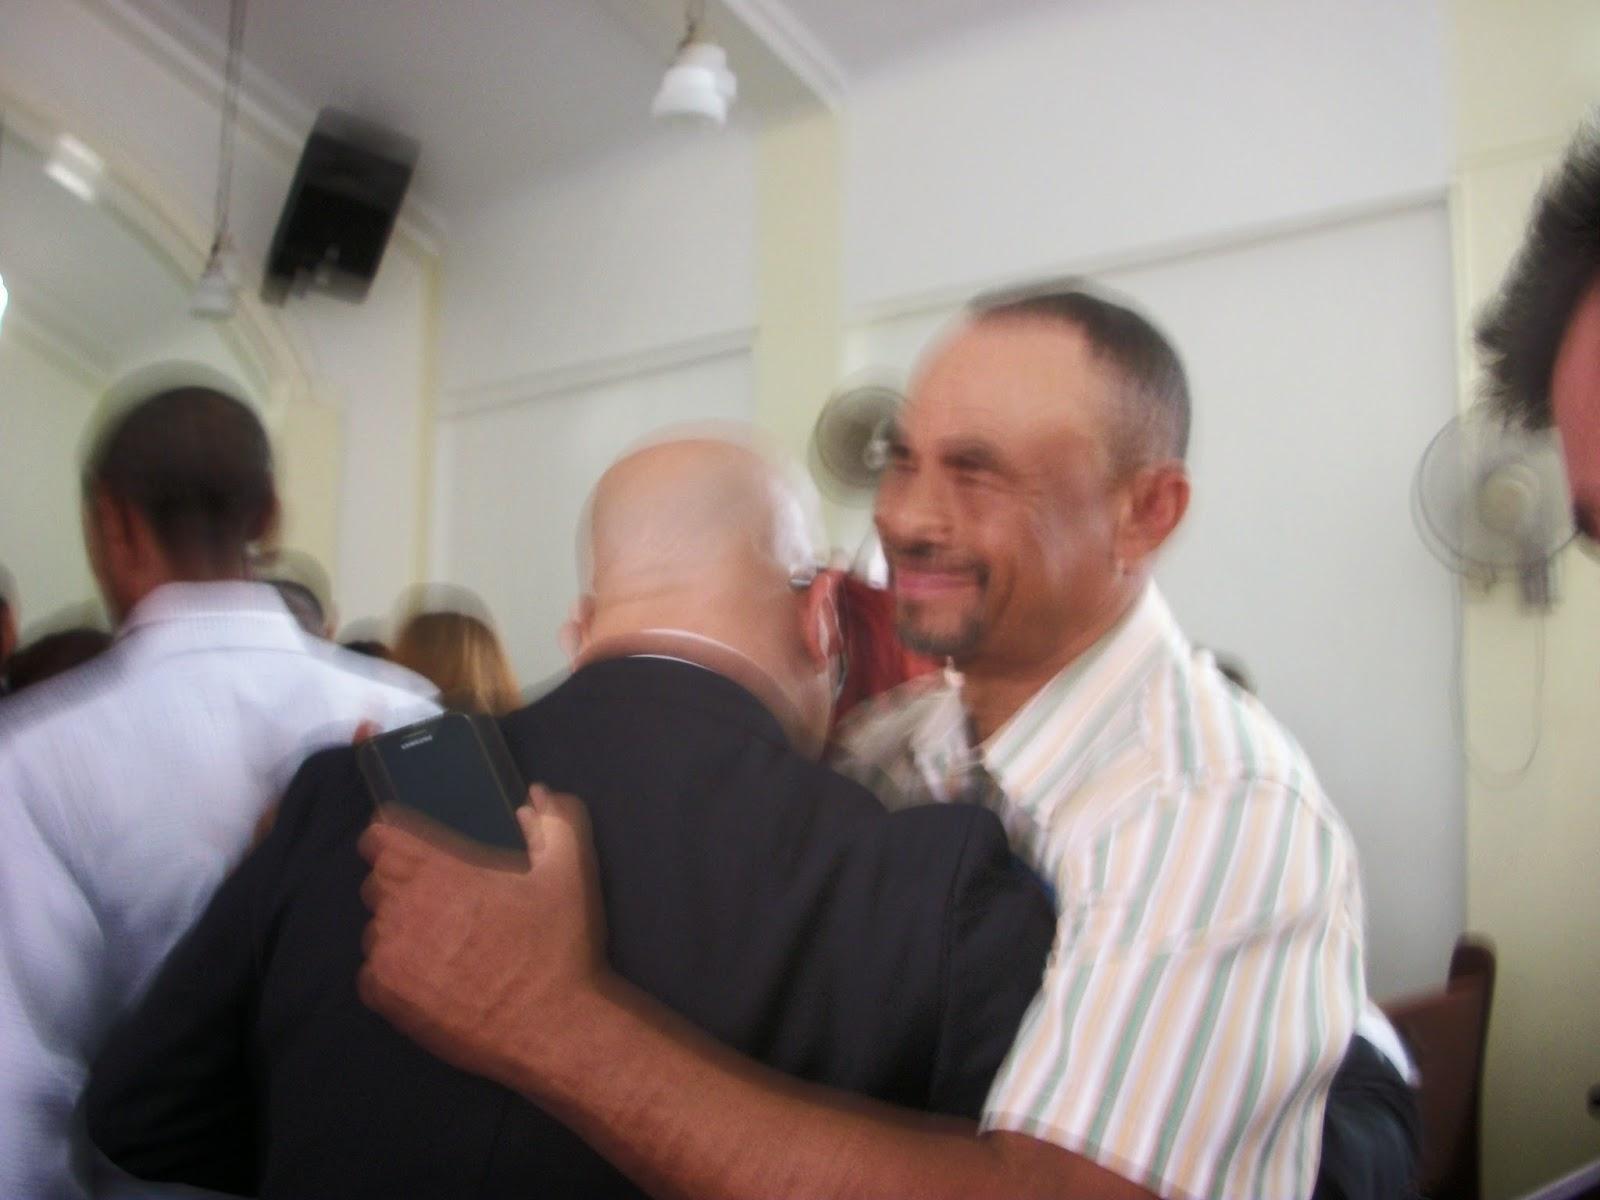 Ernesto reitera su gratitud por la solidaridad recibida ante el deceso de su padre Don Tuto Valdez